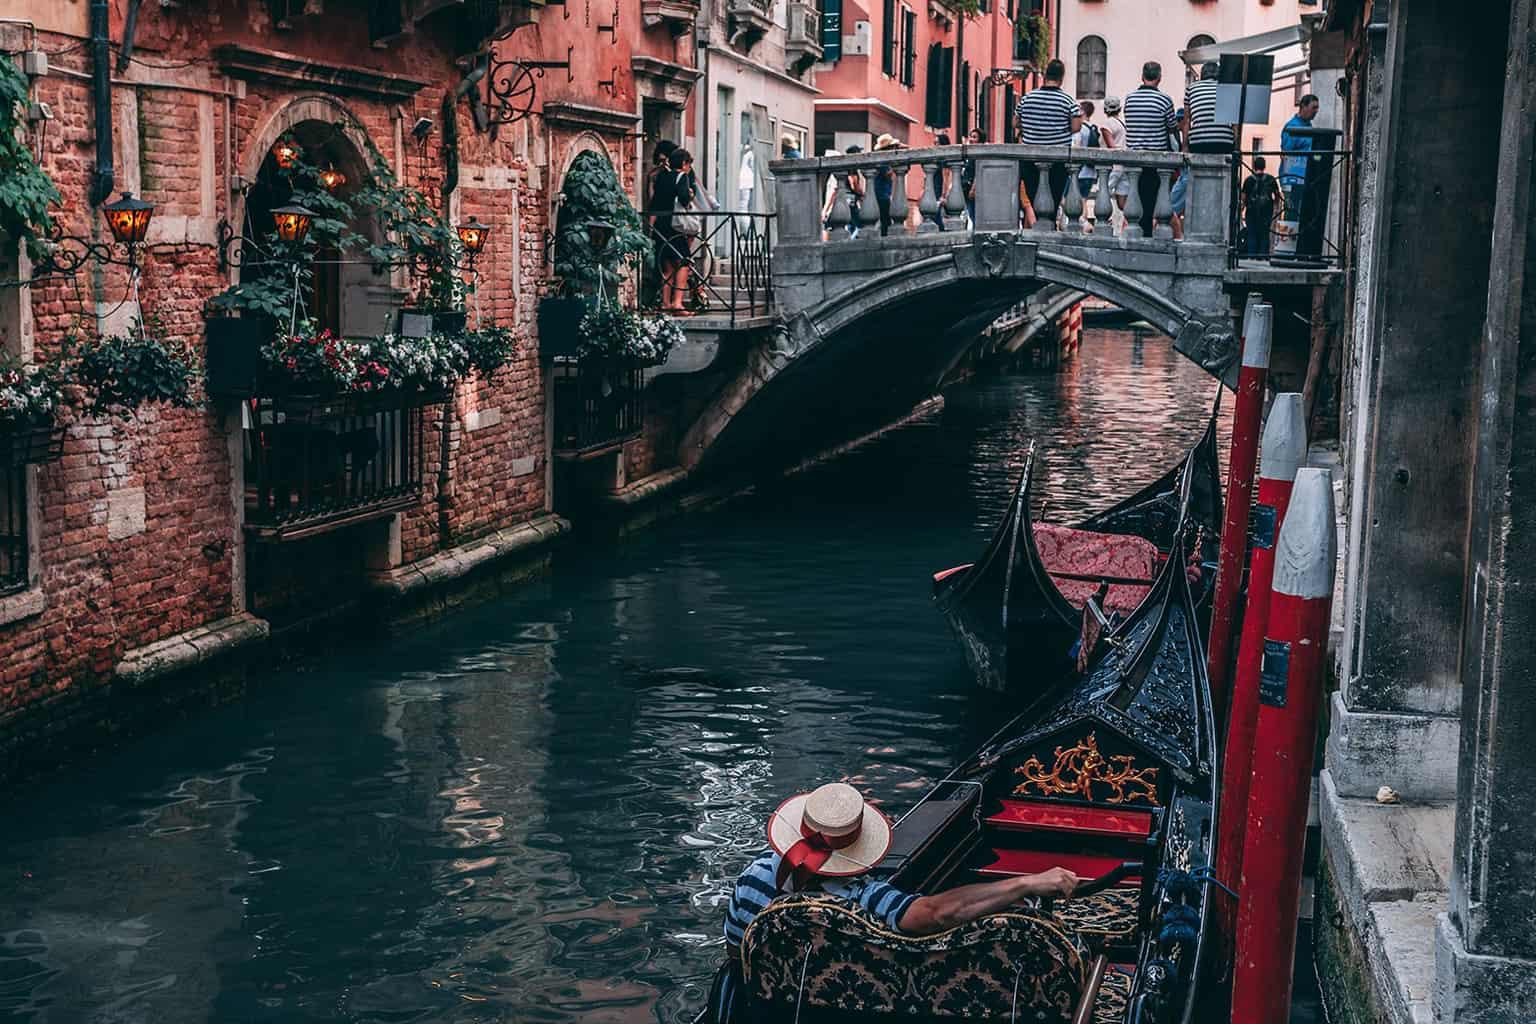 Italy 2019